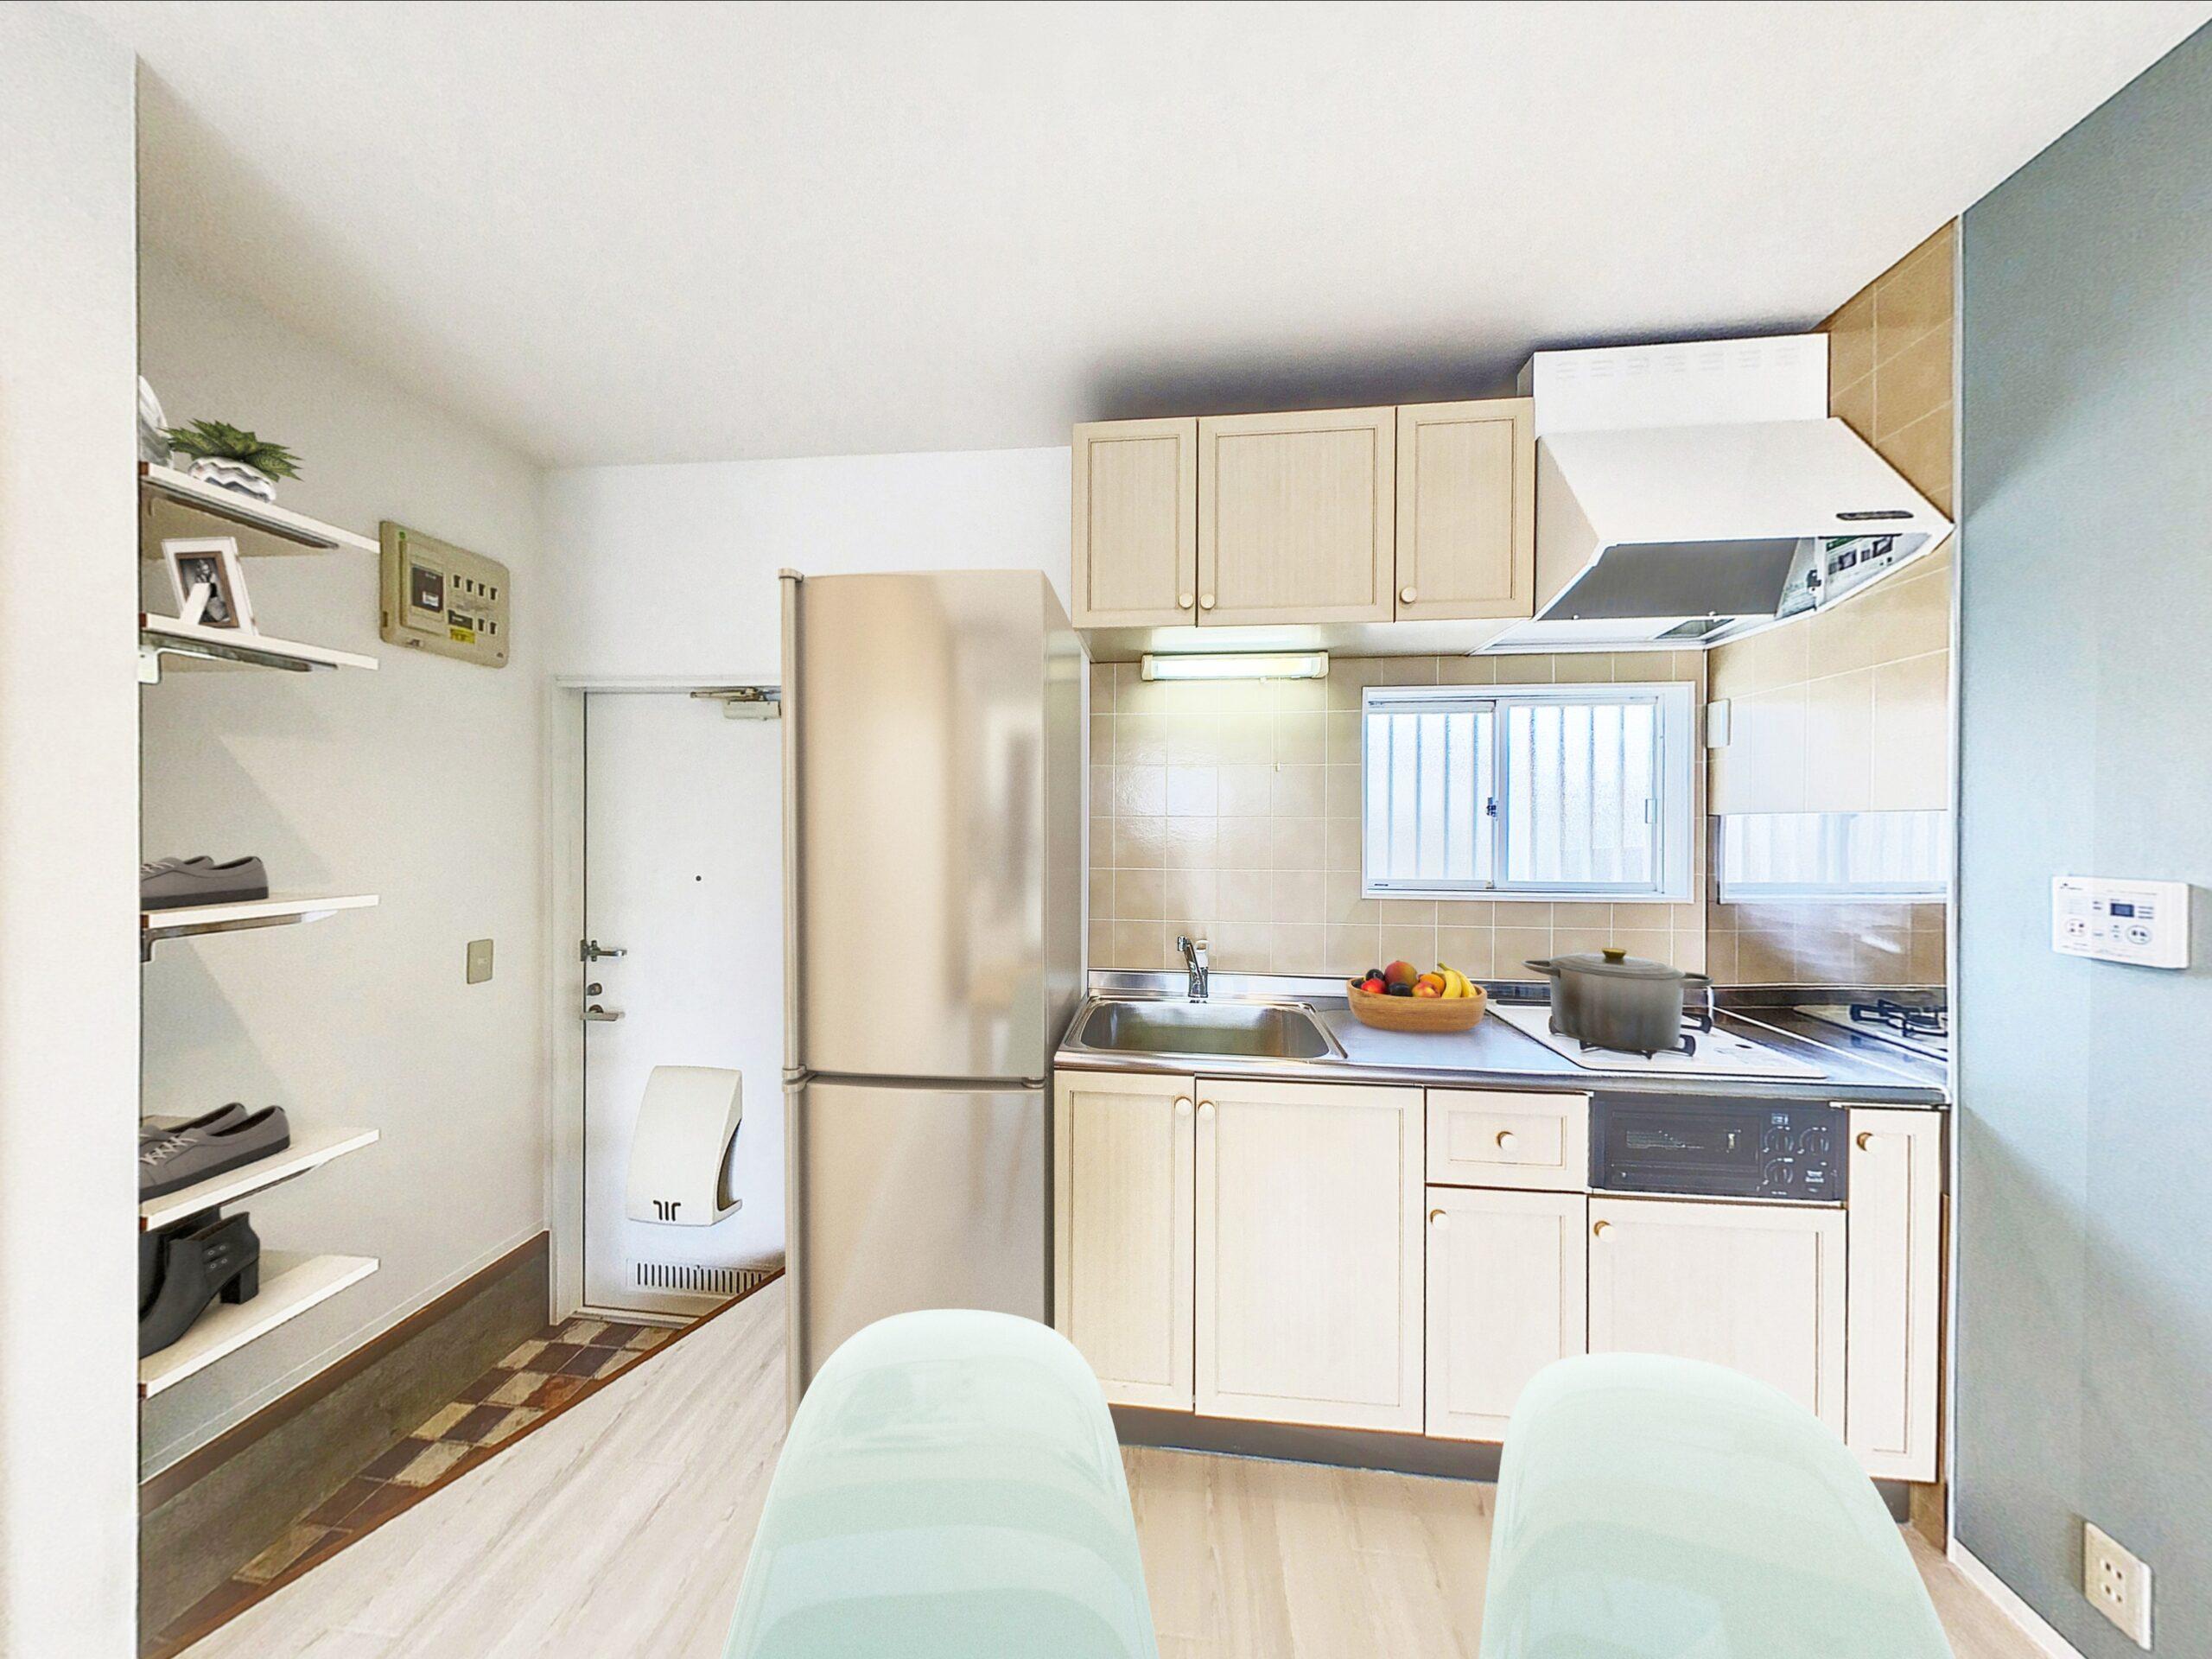 システムキッチンもお部屋に合わせたベージュの可愛らしいデザインです。